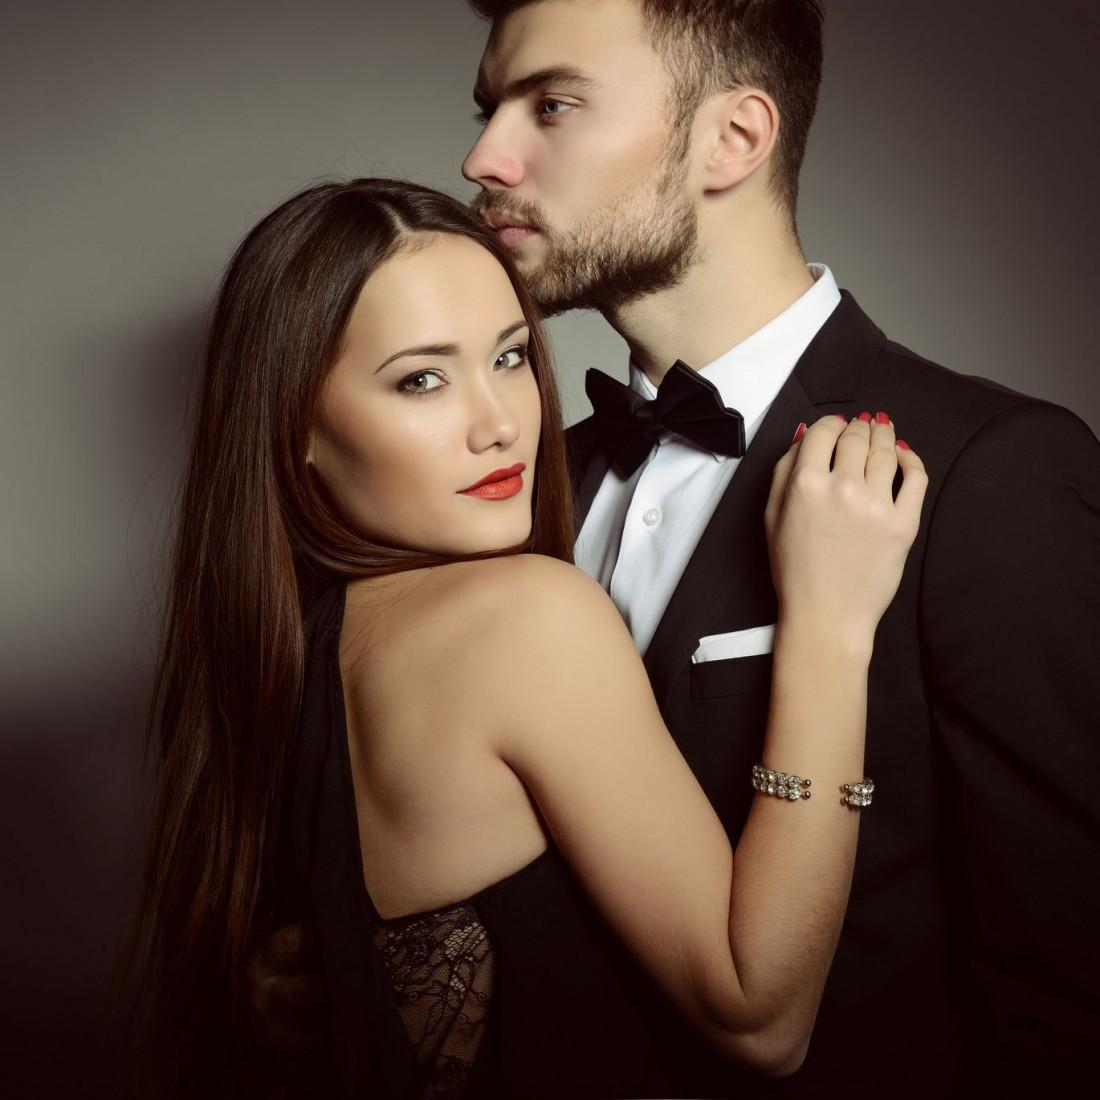 Делись с женщиной своими секретами — ей будет только приятнее